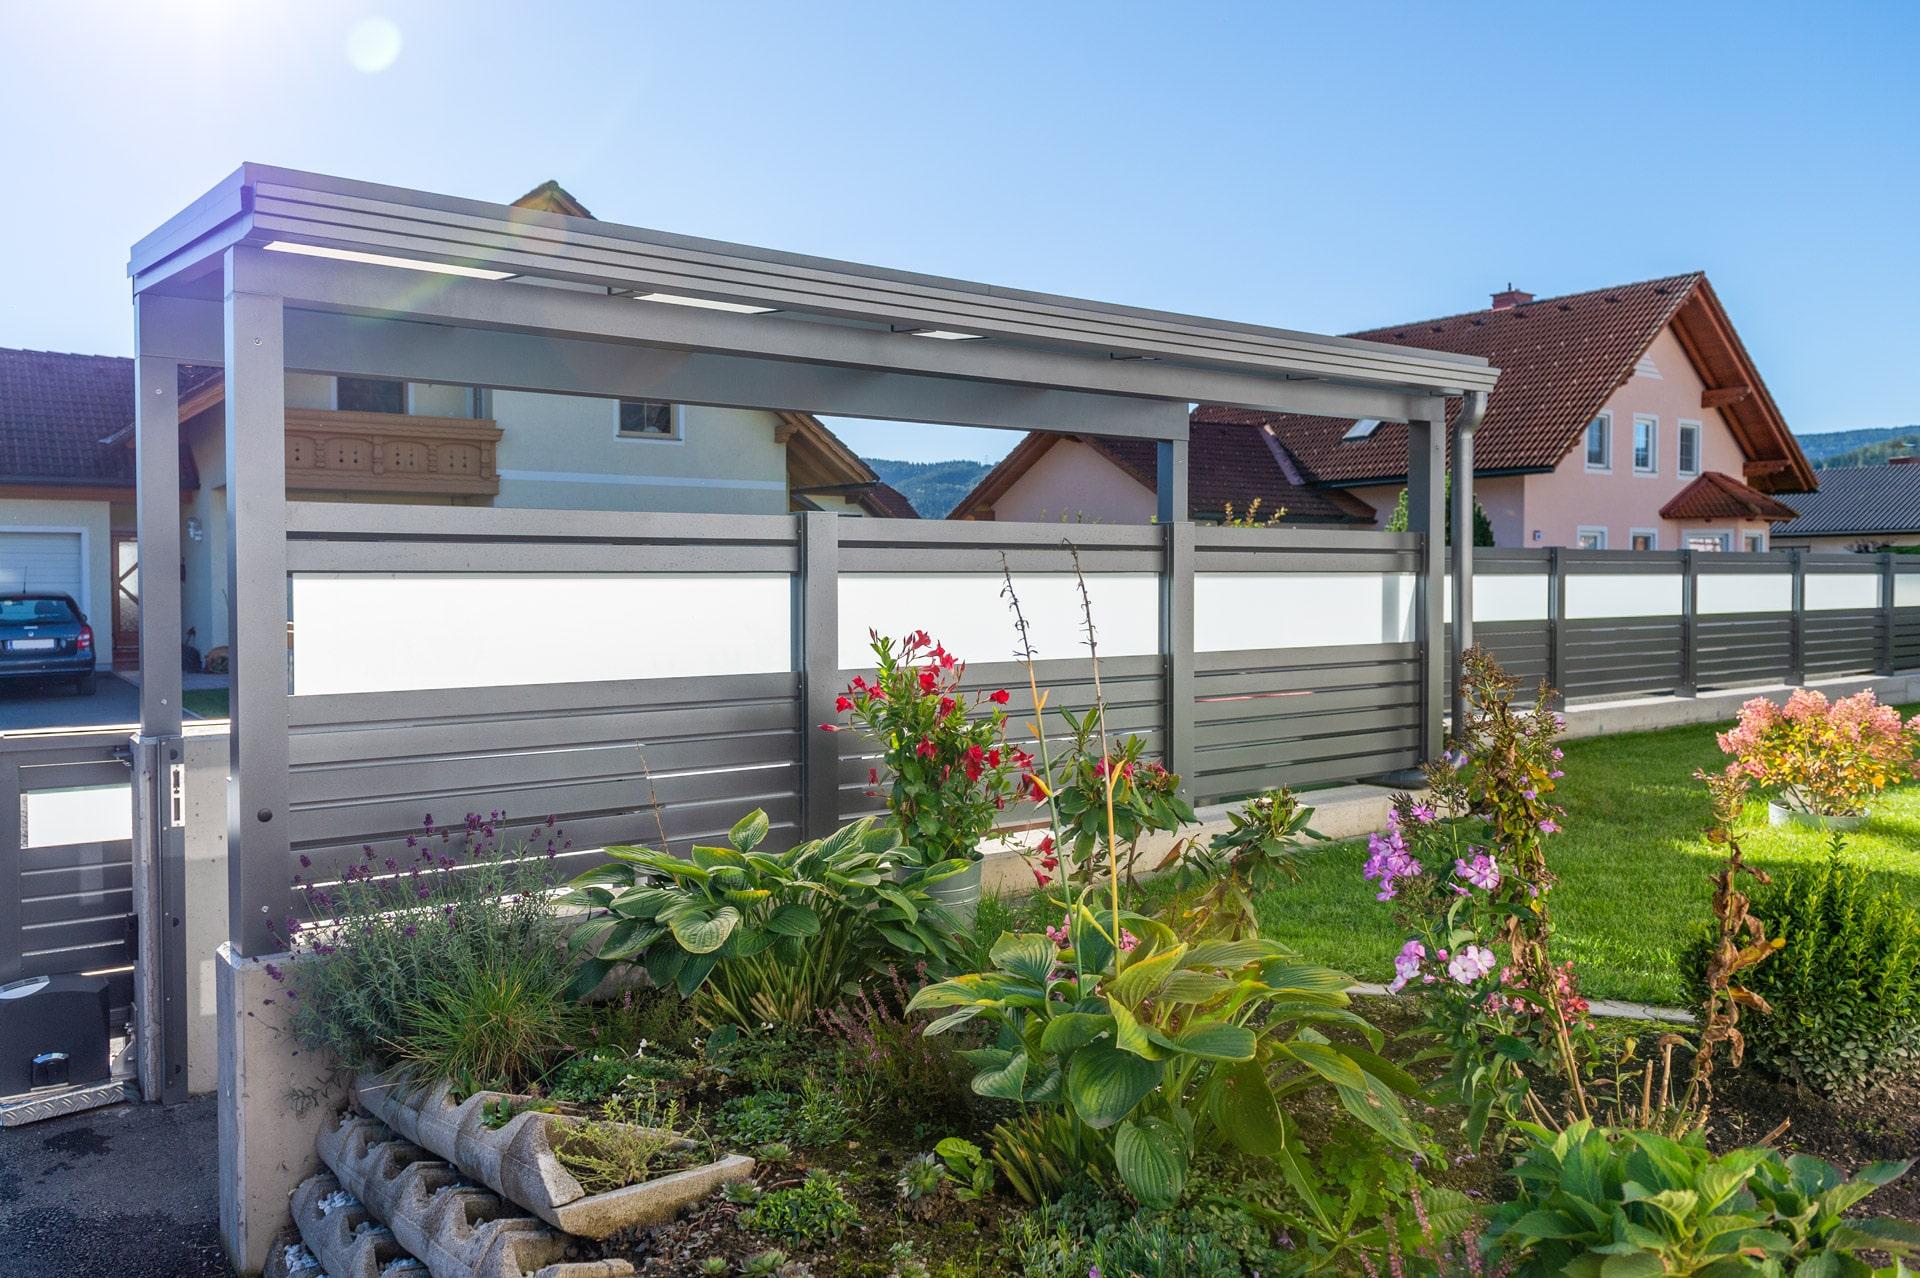 S 36 a | Müllplatz Überdachung aus Aluminium-Mattglas mit seitlichem Alu-Glas-Sichtschutz | Svoboda